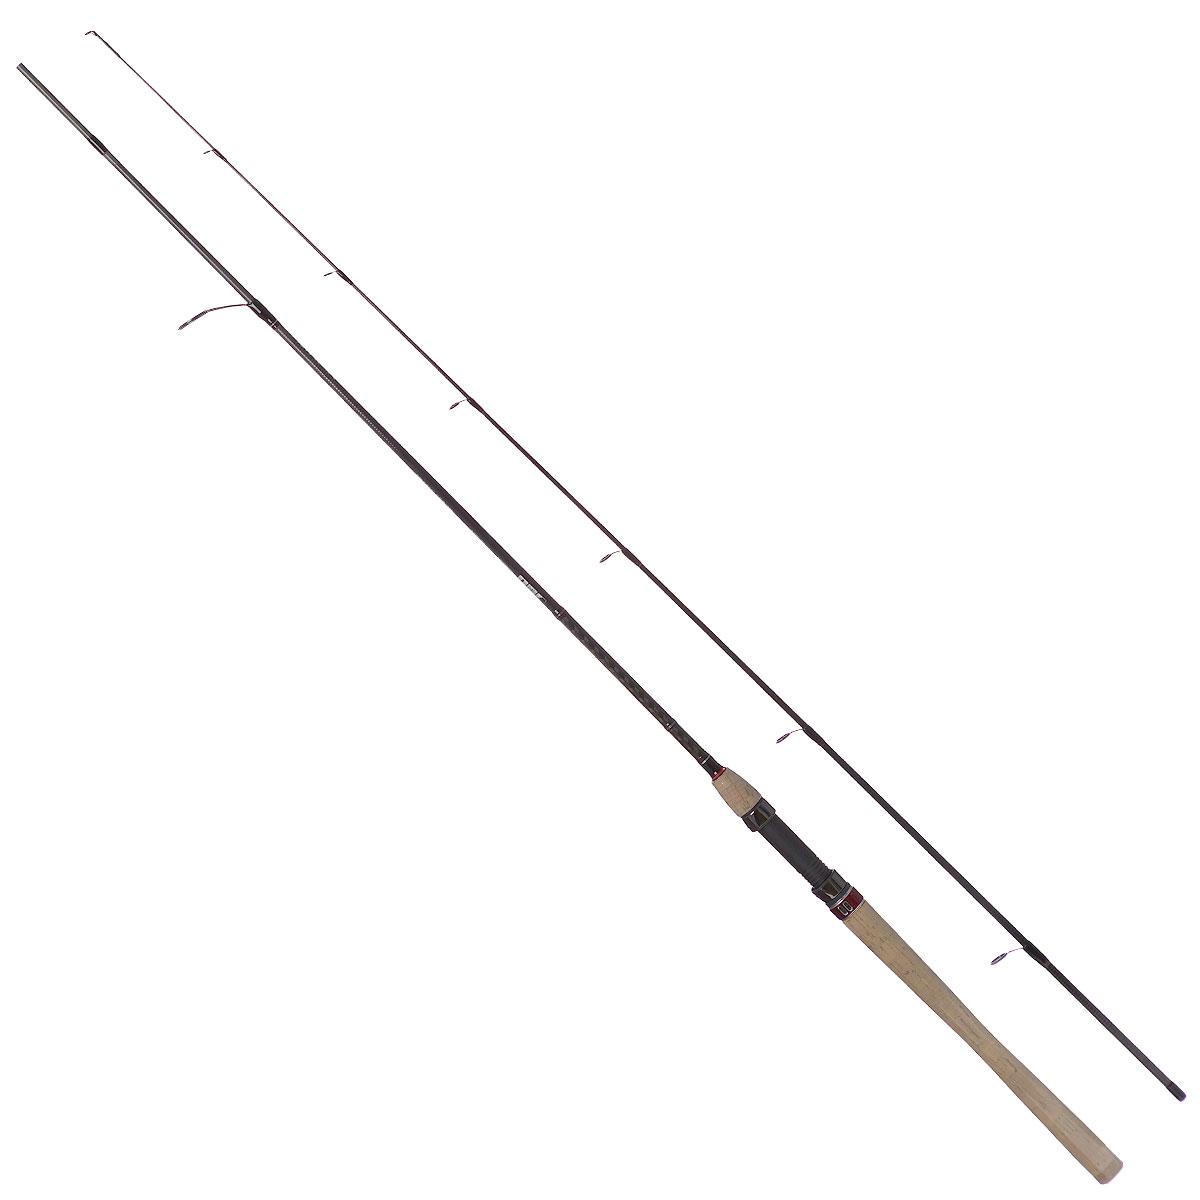 Удилище спиннинговое Daiwa Procaster, штекерное, 2,1 м, 5-20 г211-11210Спиннинг штекерный Daiwa Procaster является универсальным удилищем, позволяющим ловить рыбу, как с берега, так и с лодки. Жесткая вершинка тонкого и легкого спиннинга из высокомодульного углепластика обеспечивает максимальную чувствительность и позволяет вам тщательно обследовать дно водоема с помощью мягких приманок или твистеров. Спиннинг Daiwa Procaster оснащен катушкодержателем и пробковой рукоятью. Длина: 2,1 м. Тест: 5-20 г.Новые спиннинги Daiwa Procaster совмещаютпоследние технологии производства удилищ в отличном дизайне и доступную цену. В этой серии представлены спиннинги практически для всех видов ловли.Особенности спиннинга Daiwa серии Procaster:Бланки из высокомодульного, тонкого и легкого углепластика;Перекрестная обмотка нижней части комеля;Точеный алюминиевый винт катушкодержателя; Пробковая рукоятка;Кольца из оксида алюминия;Чехол из ткани.